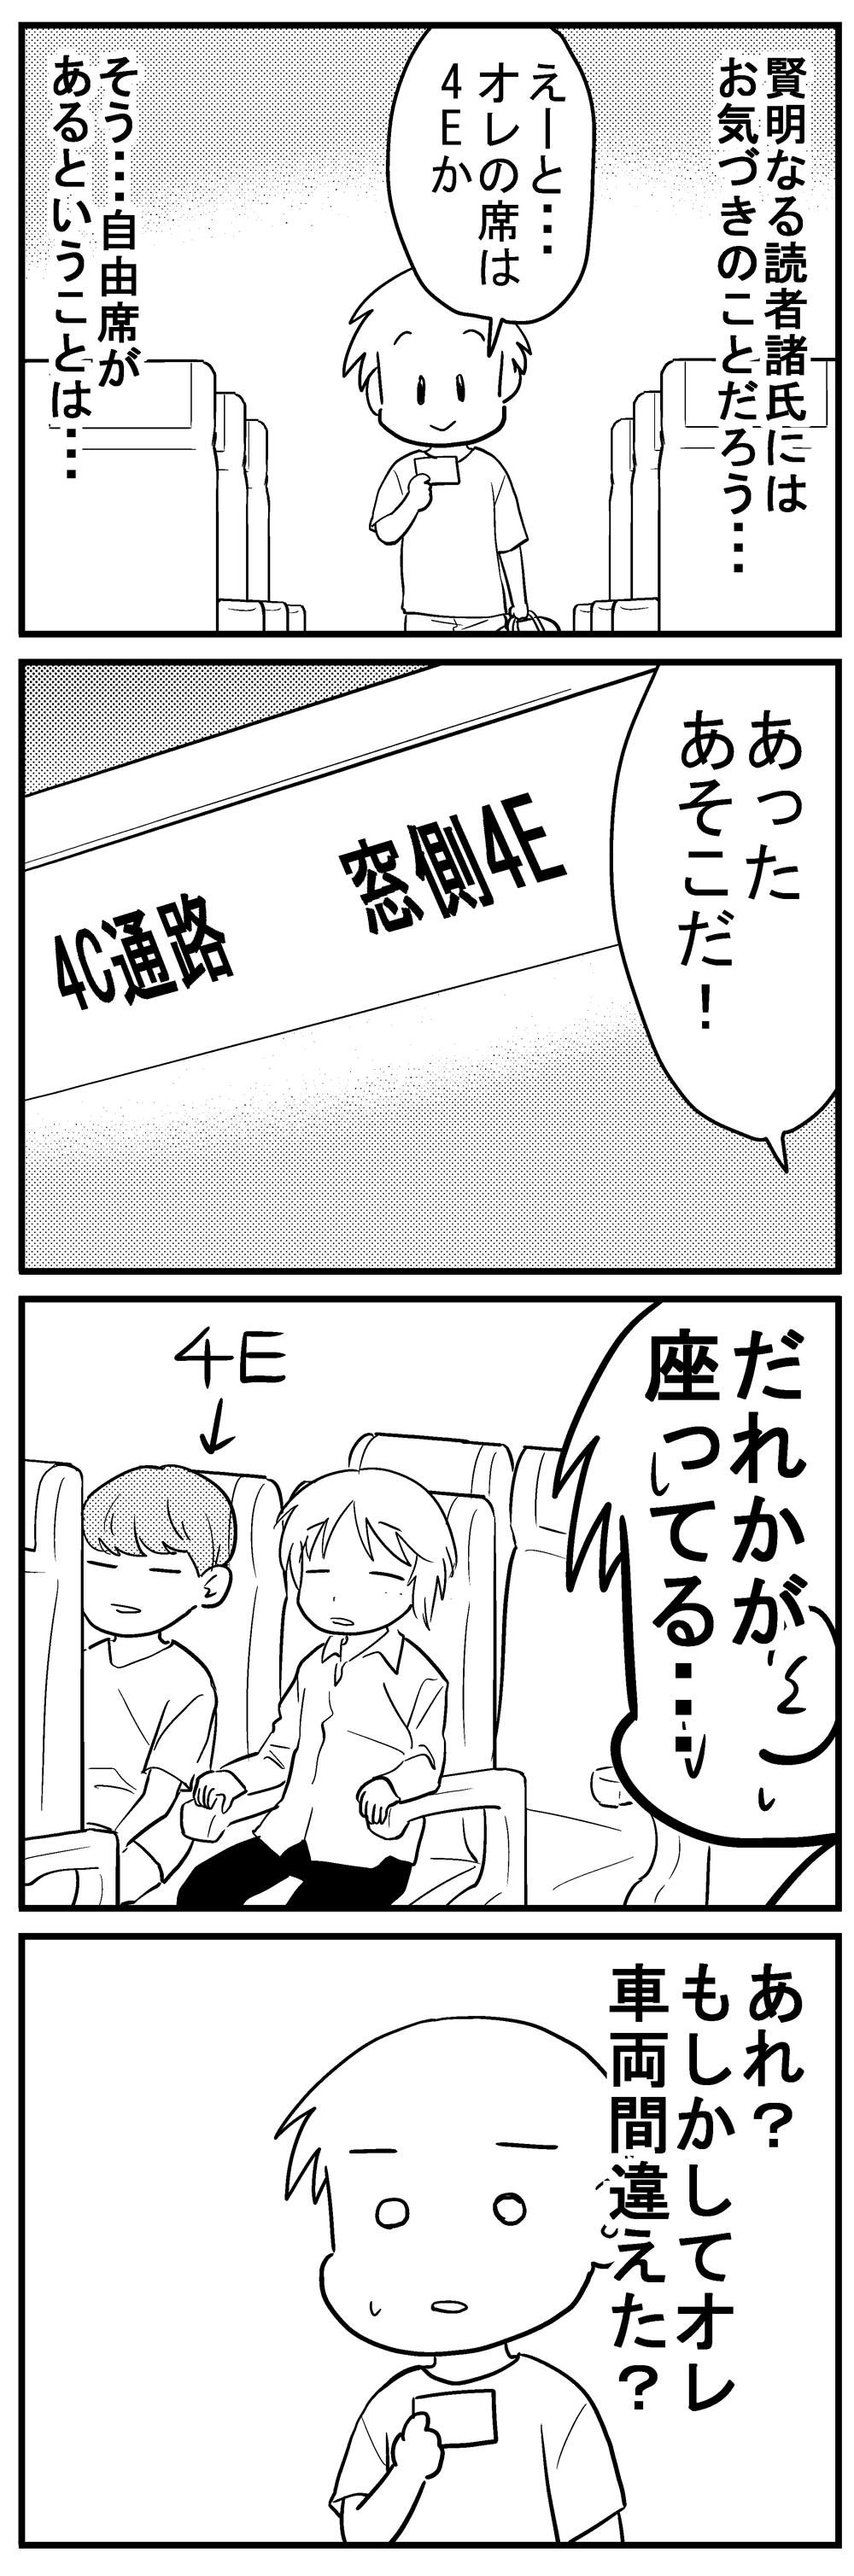 深読みくん60 2